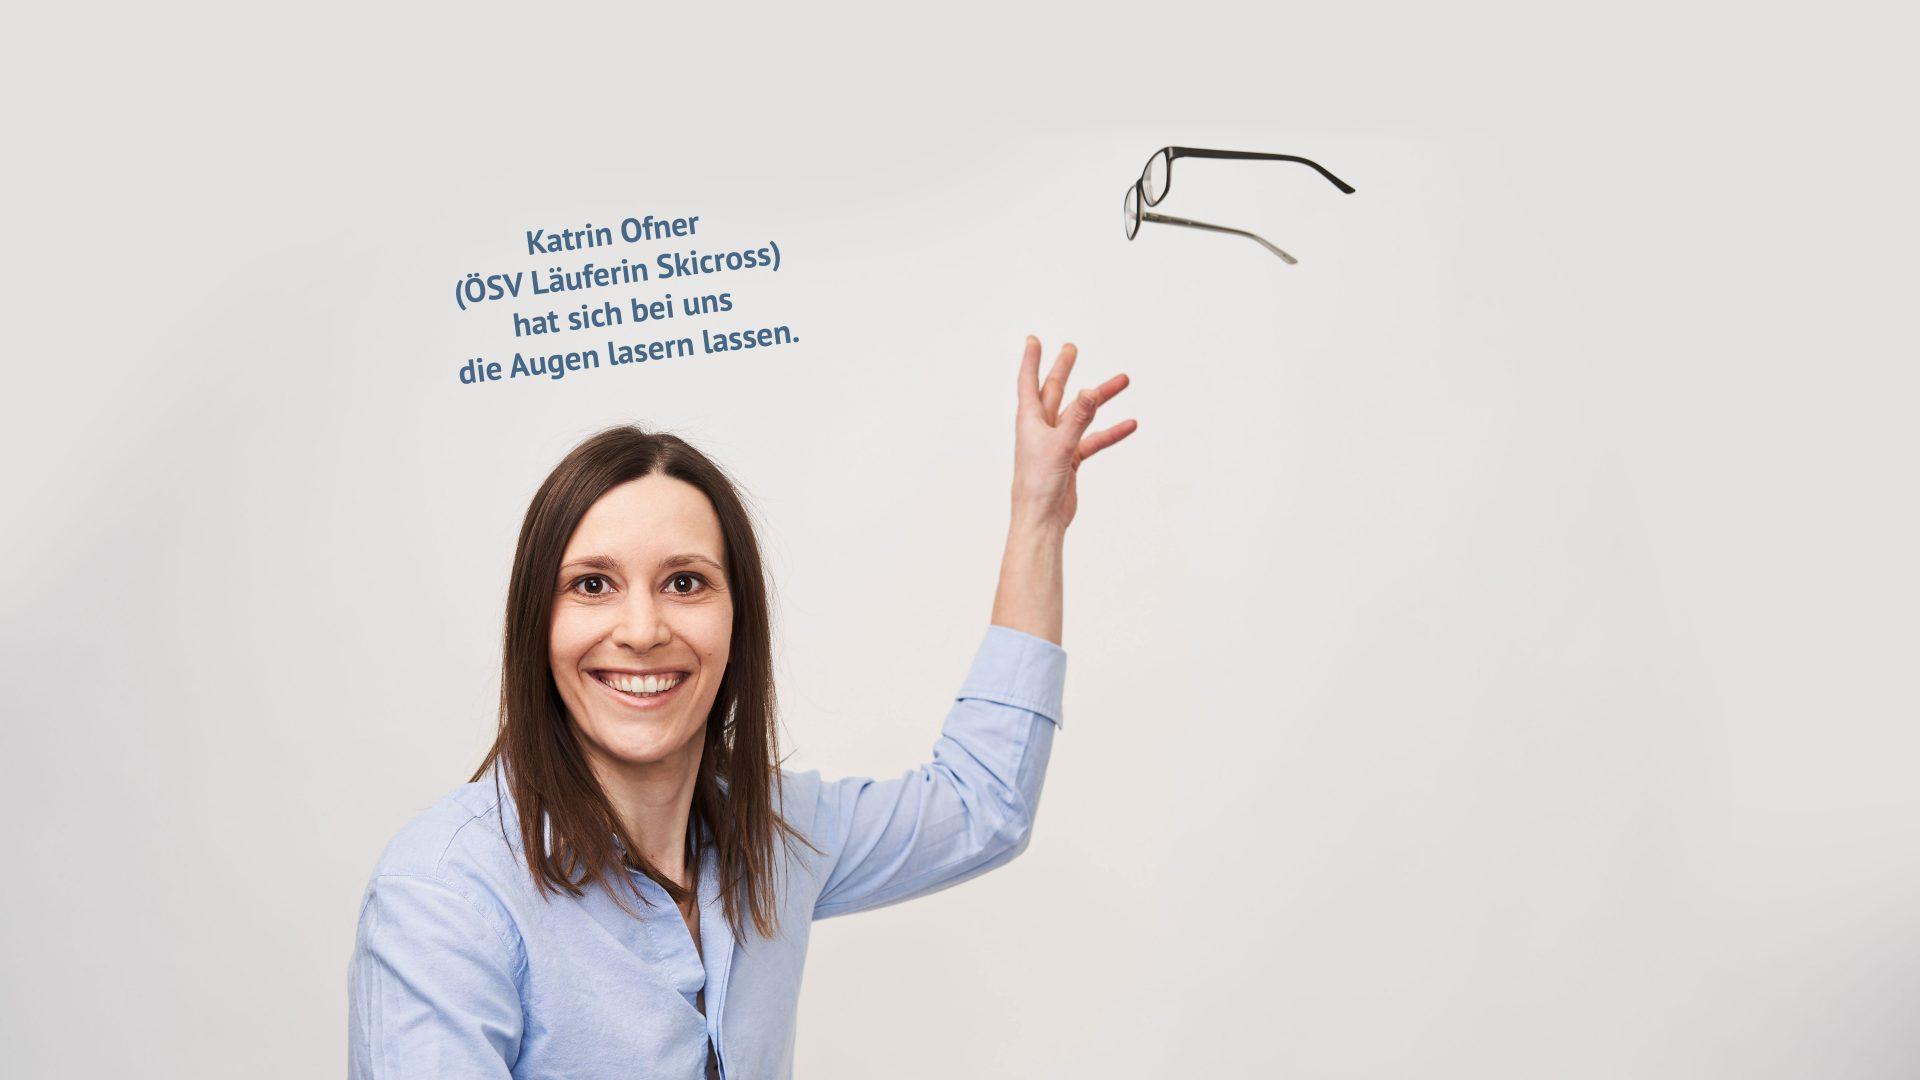 Endlich scharf sehen ohne Brille - Augenzentrum Güssing